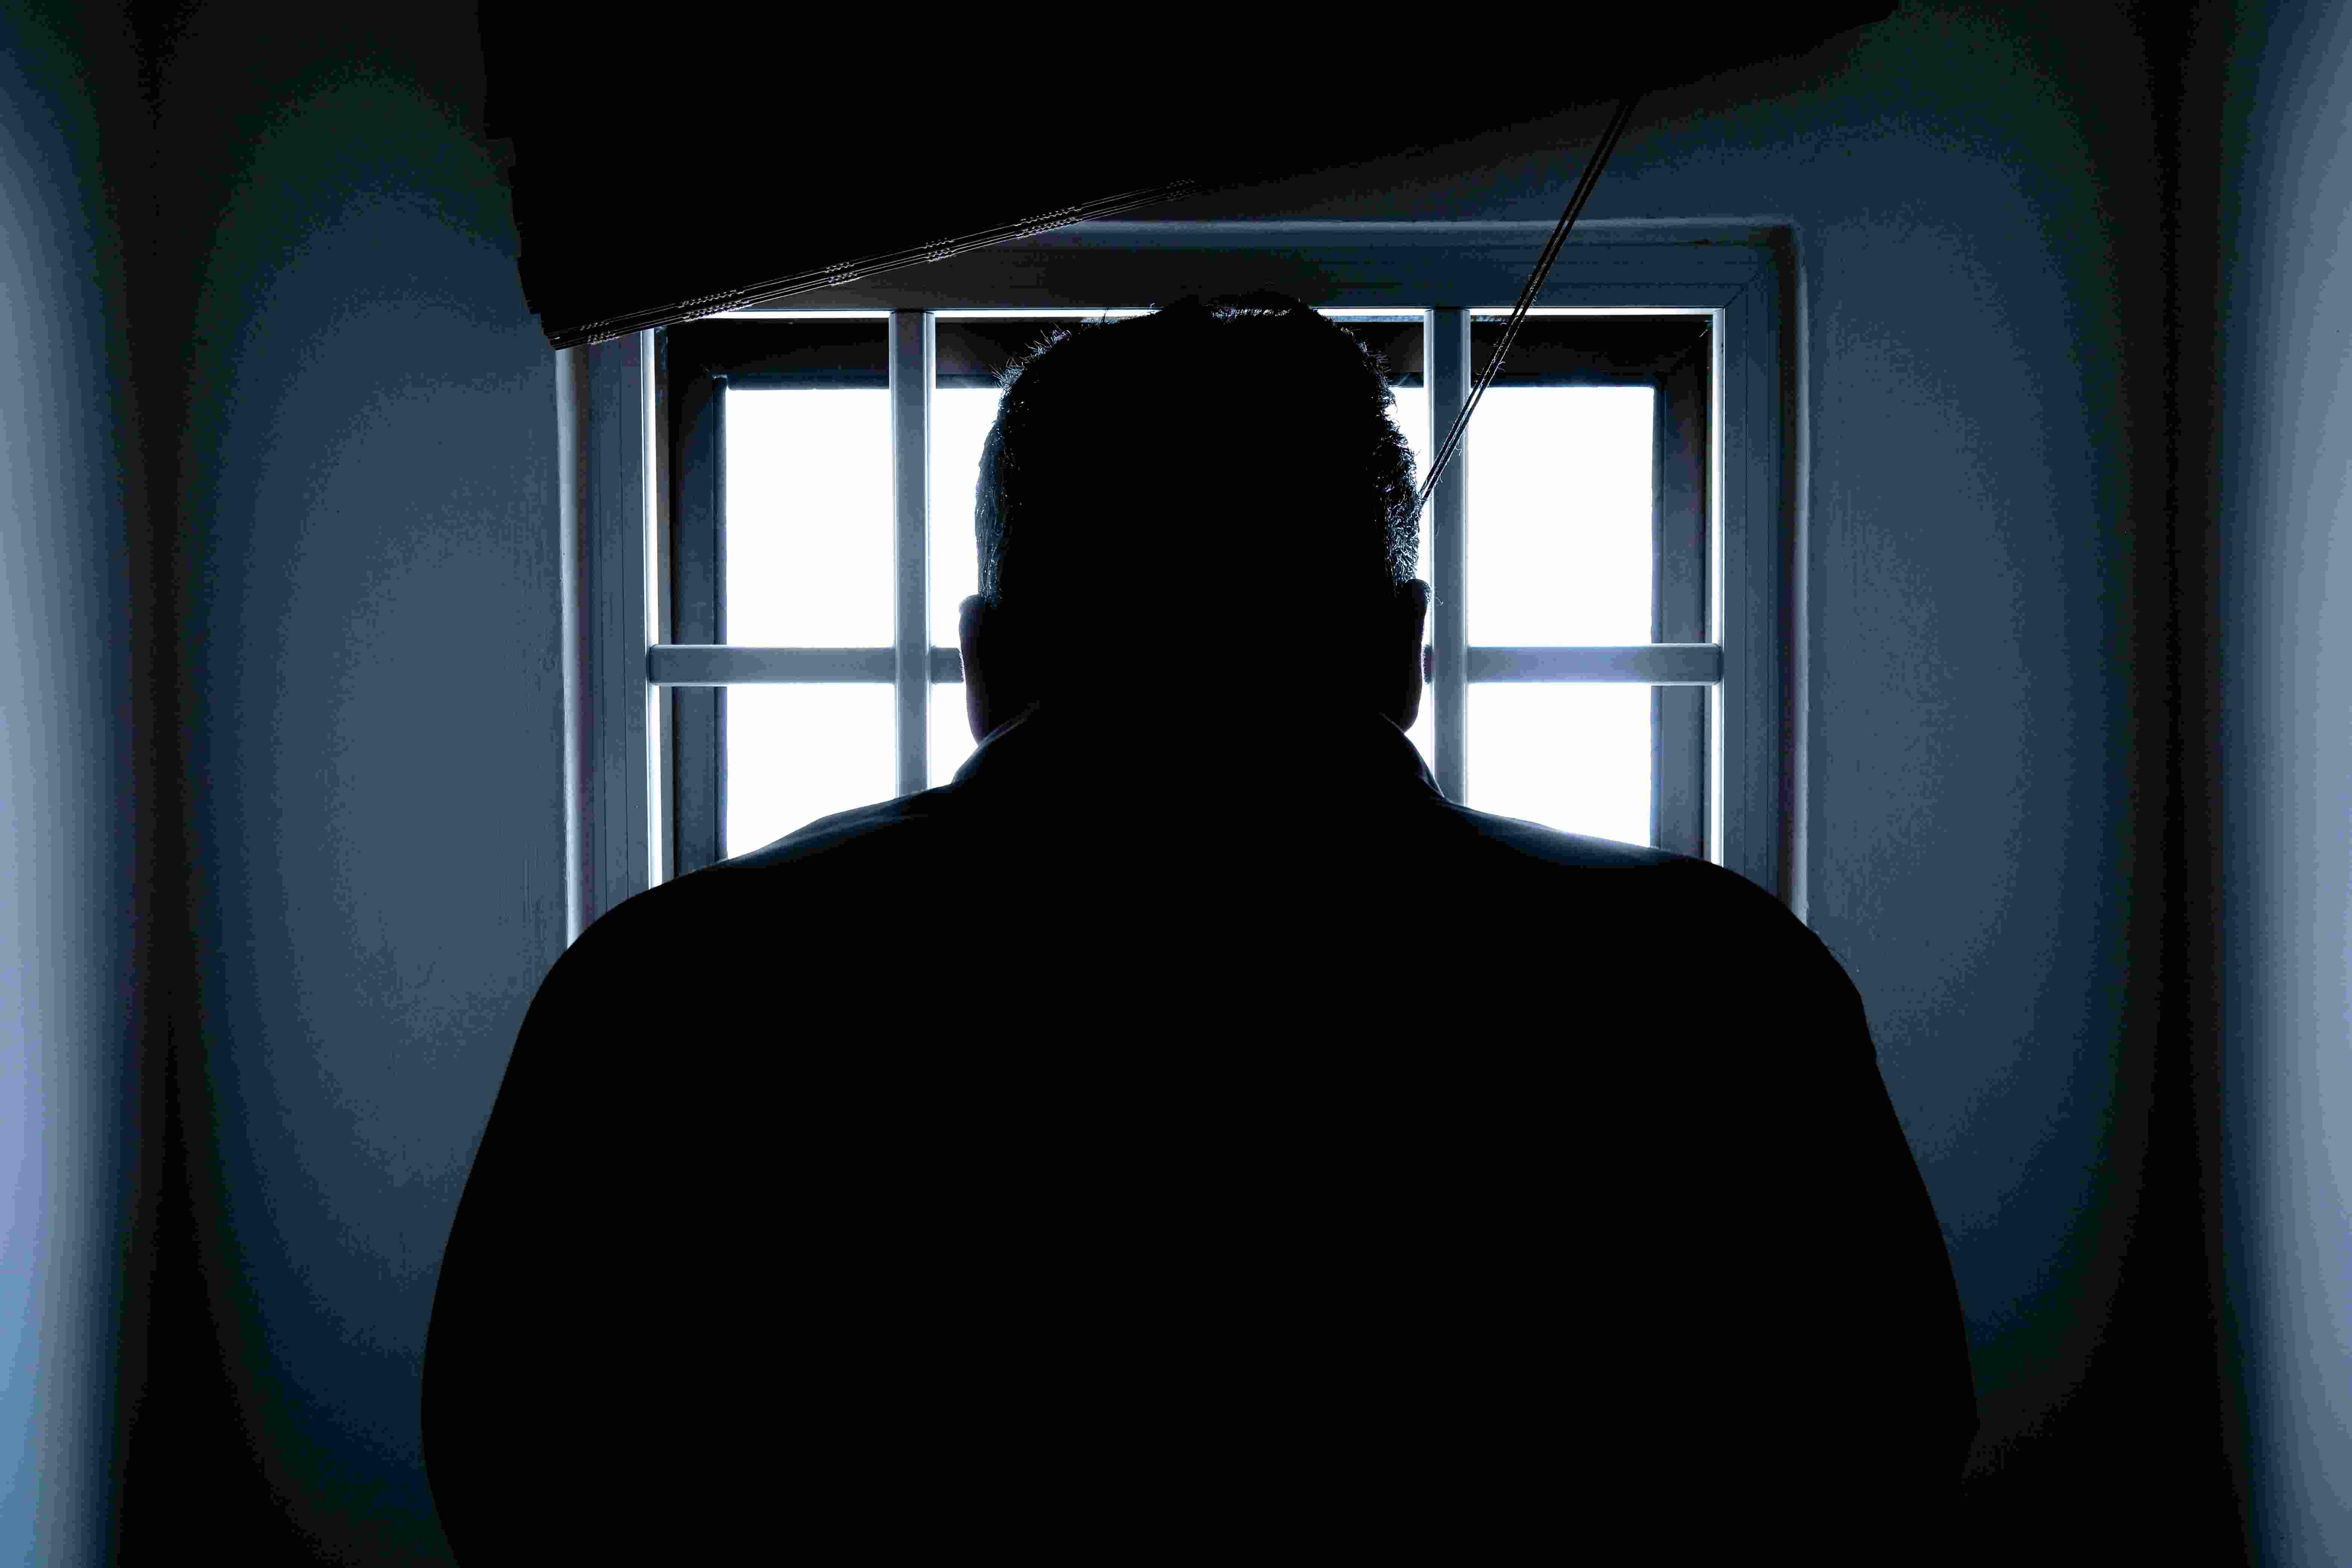 受到兒子(以下稱A)施暴致死的爸爸已70多歲,A卻只被依持續暴力的罪刑接受裁判,仁川地方法院法官以持續暴力嫌疑起訴A,宣告1年6個月有期徒刑。